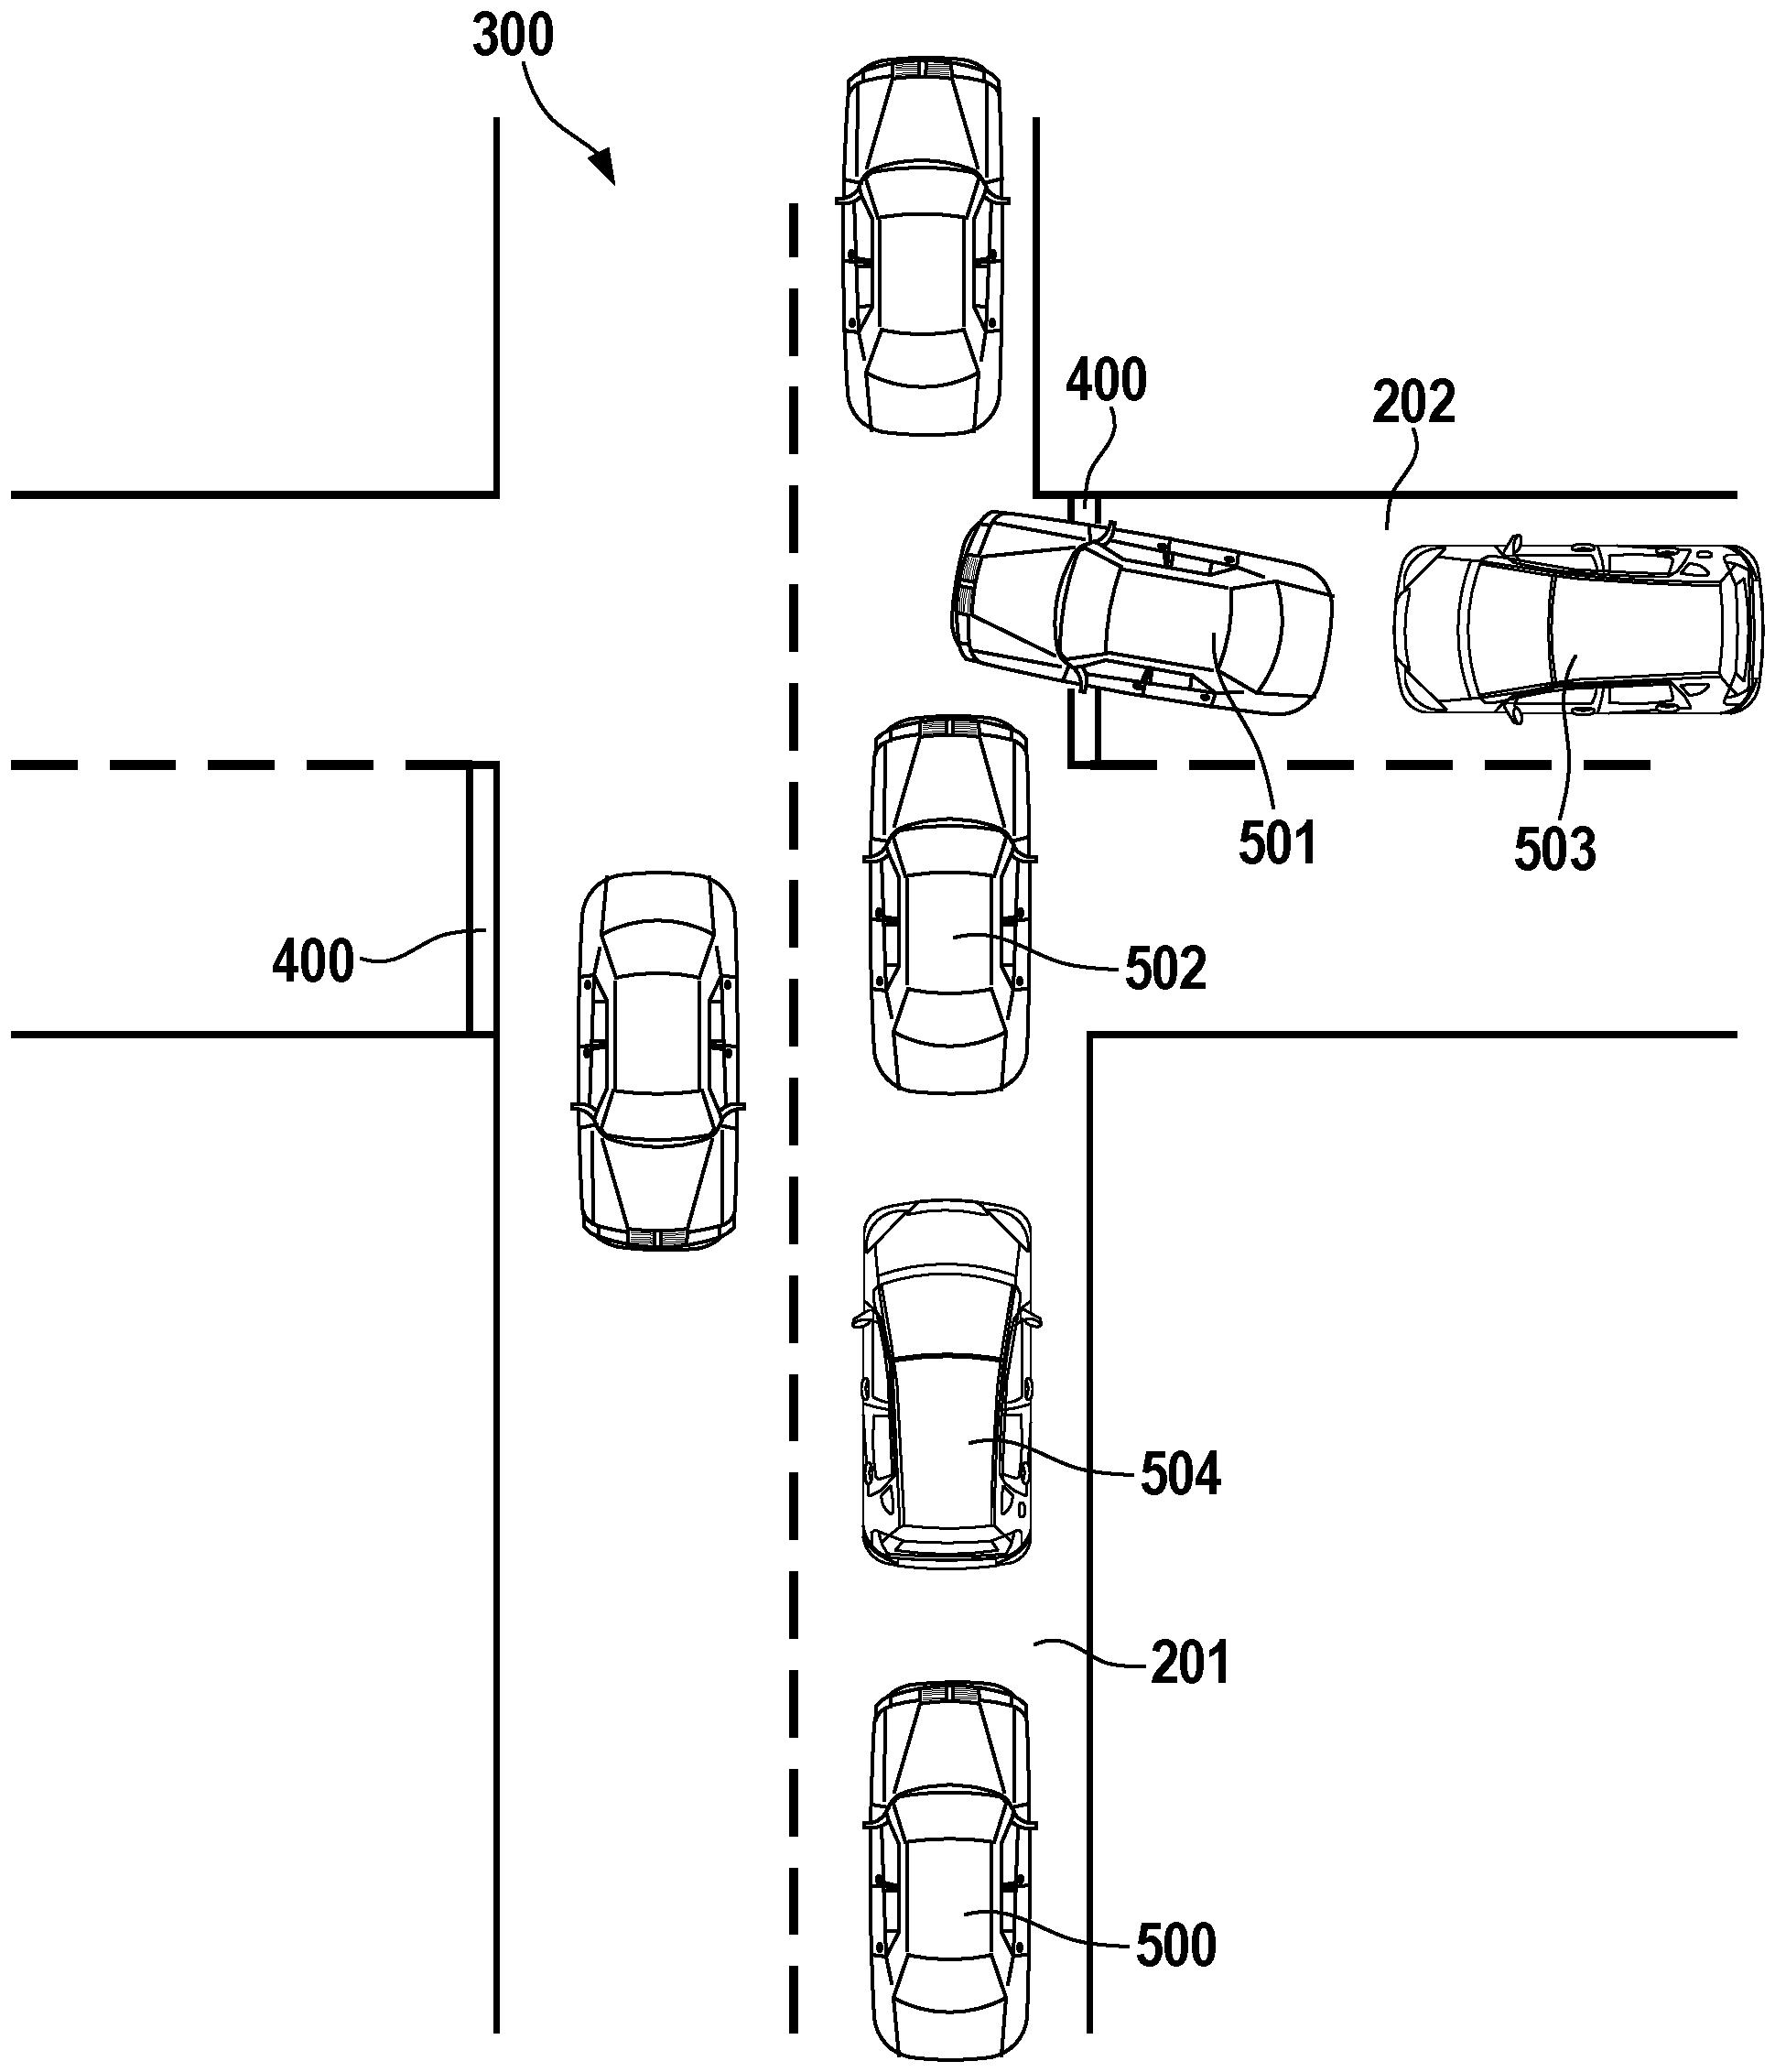 Figure DE102017206344A1_0000